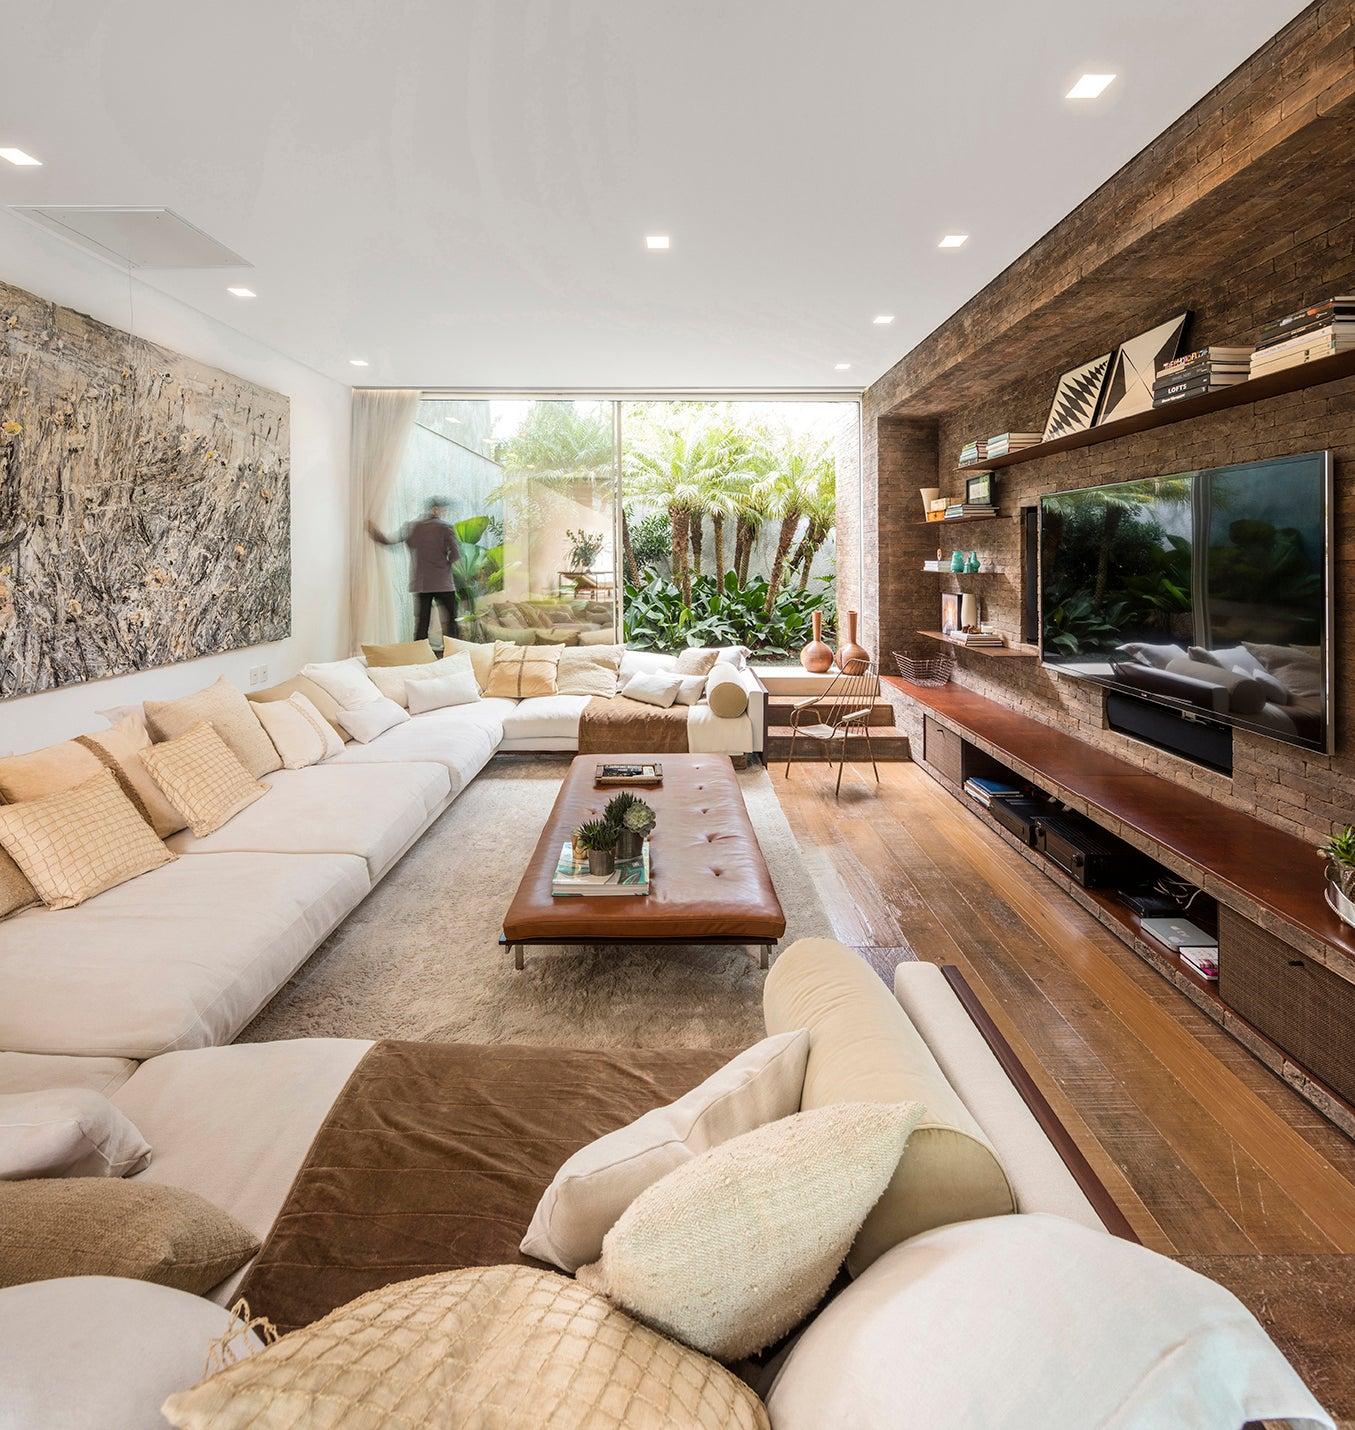 Retro Sunken Living Room Design Inspiration